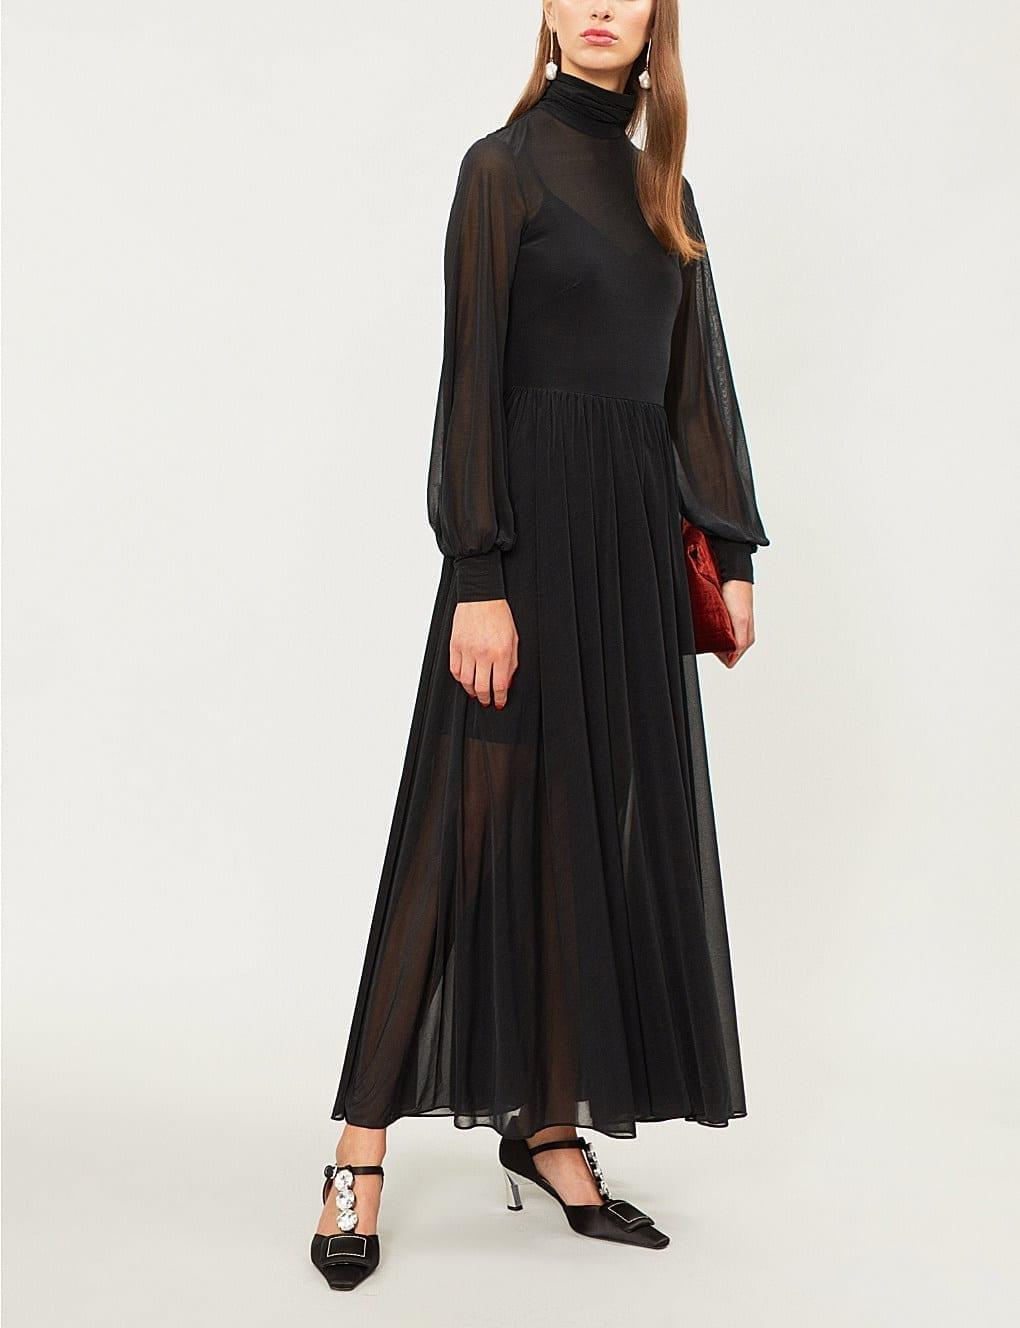 DIANE VON FURSTENBERG High Neck Pleated Woven Maxi Mason Black Dress